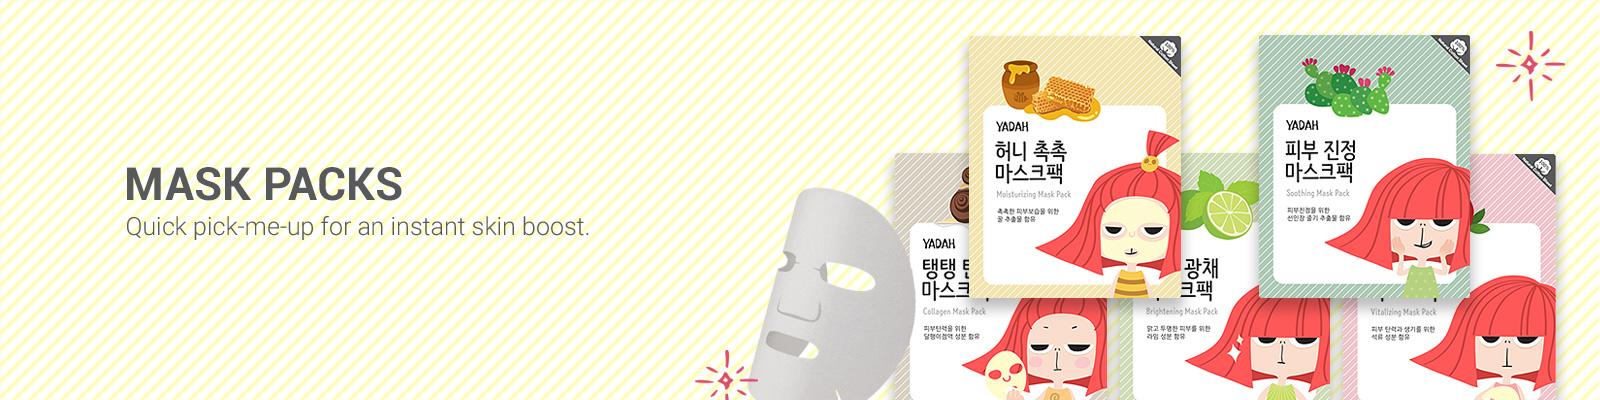 Yadah Mask Packs